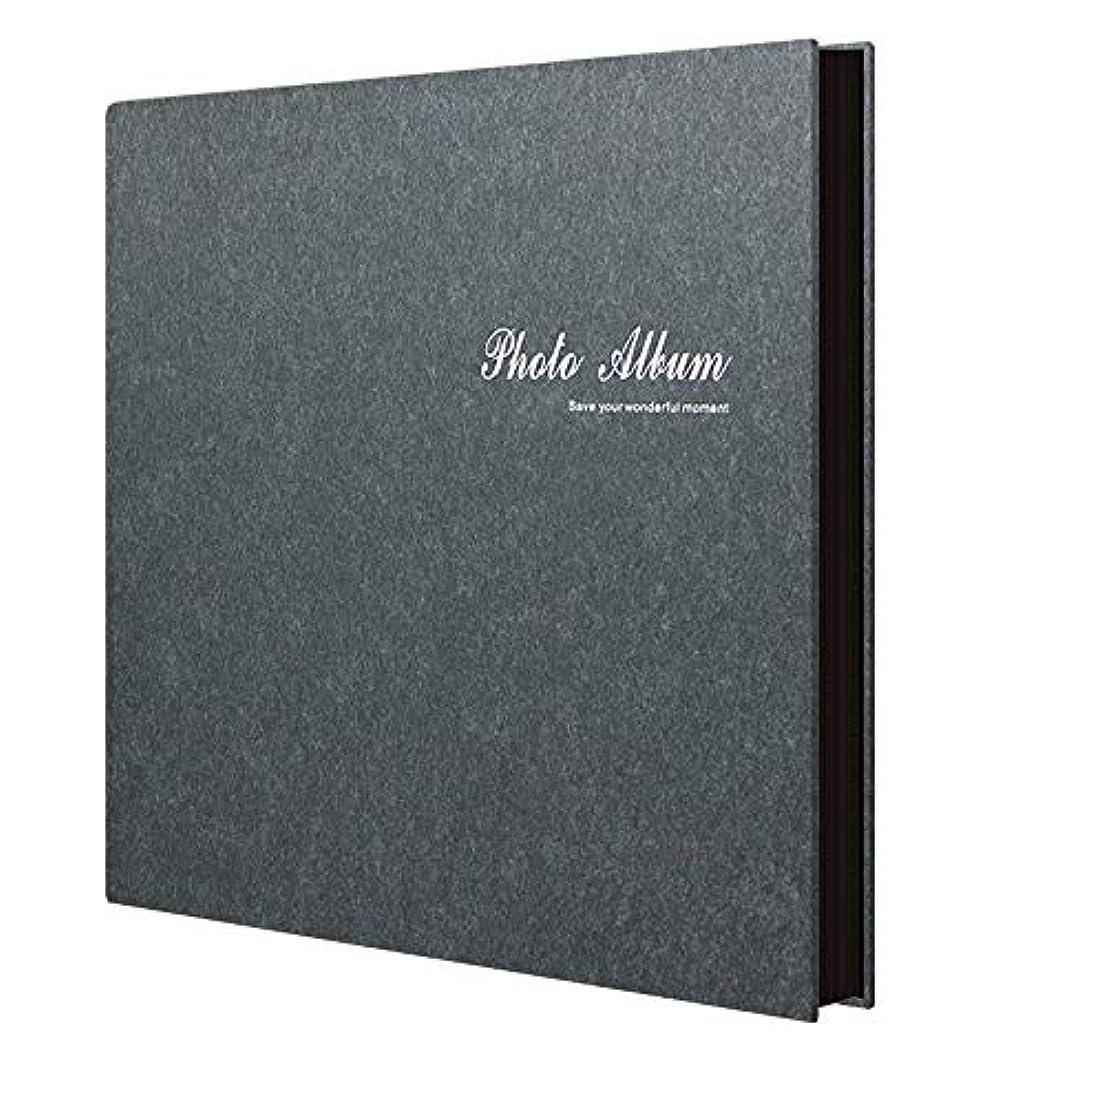 高く緑疑いアルバム写真、特大容量の革カバー結婚式の家族写真アルバムには、ページ付きの水平および垂直の写真が入ります (Color : 黒)